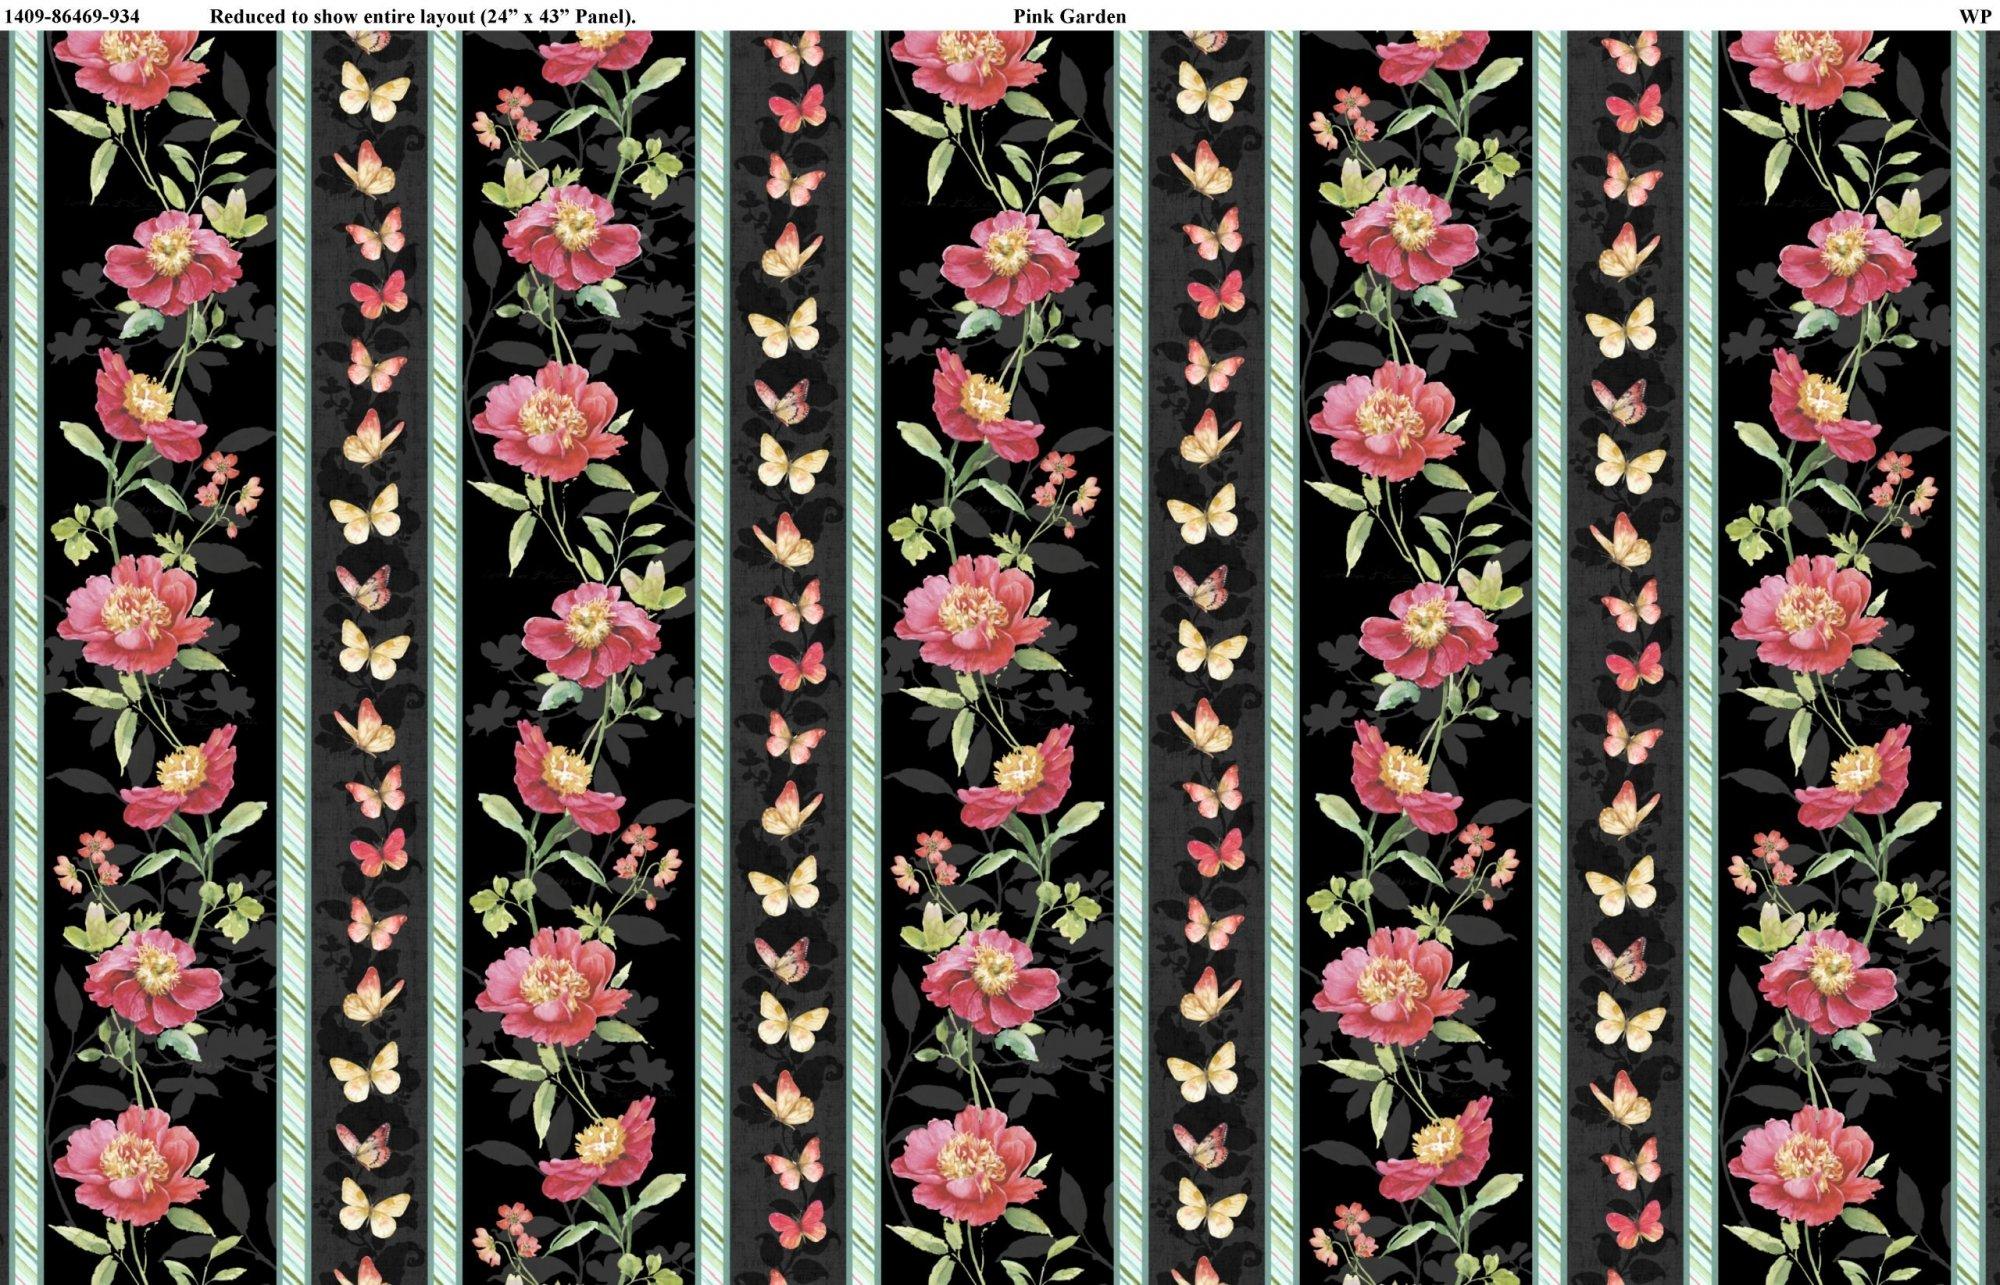 Pink Garden 86469-934